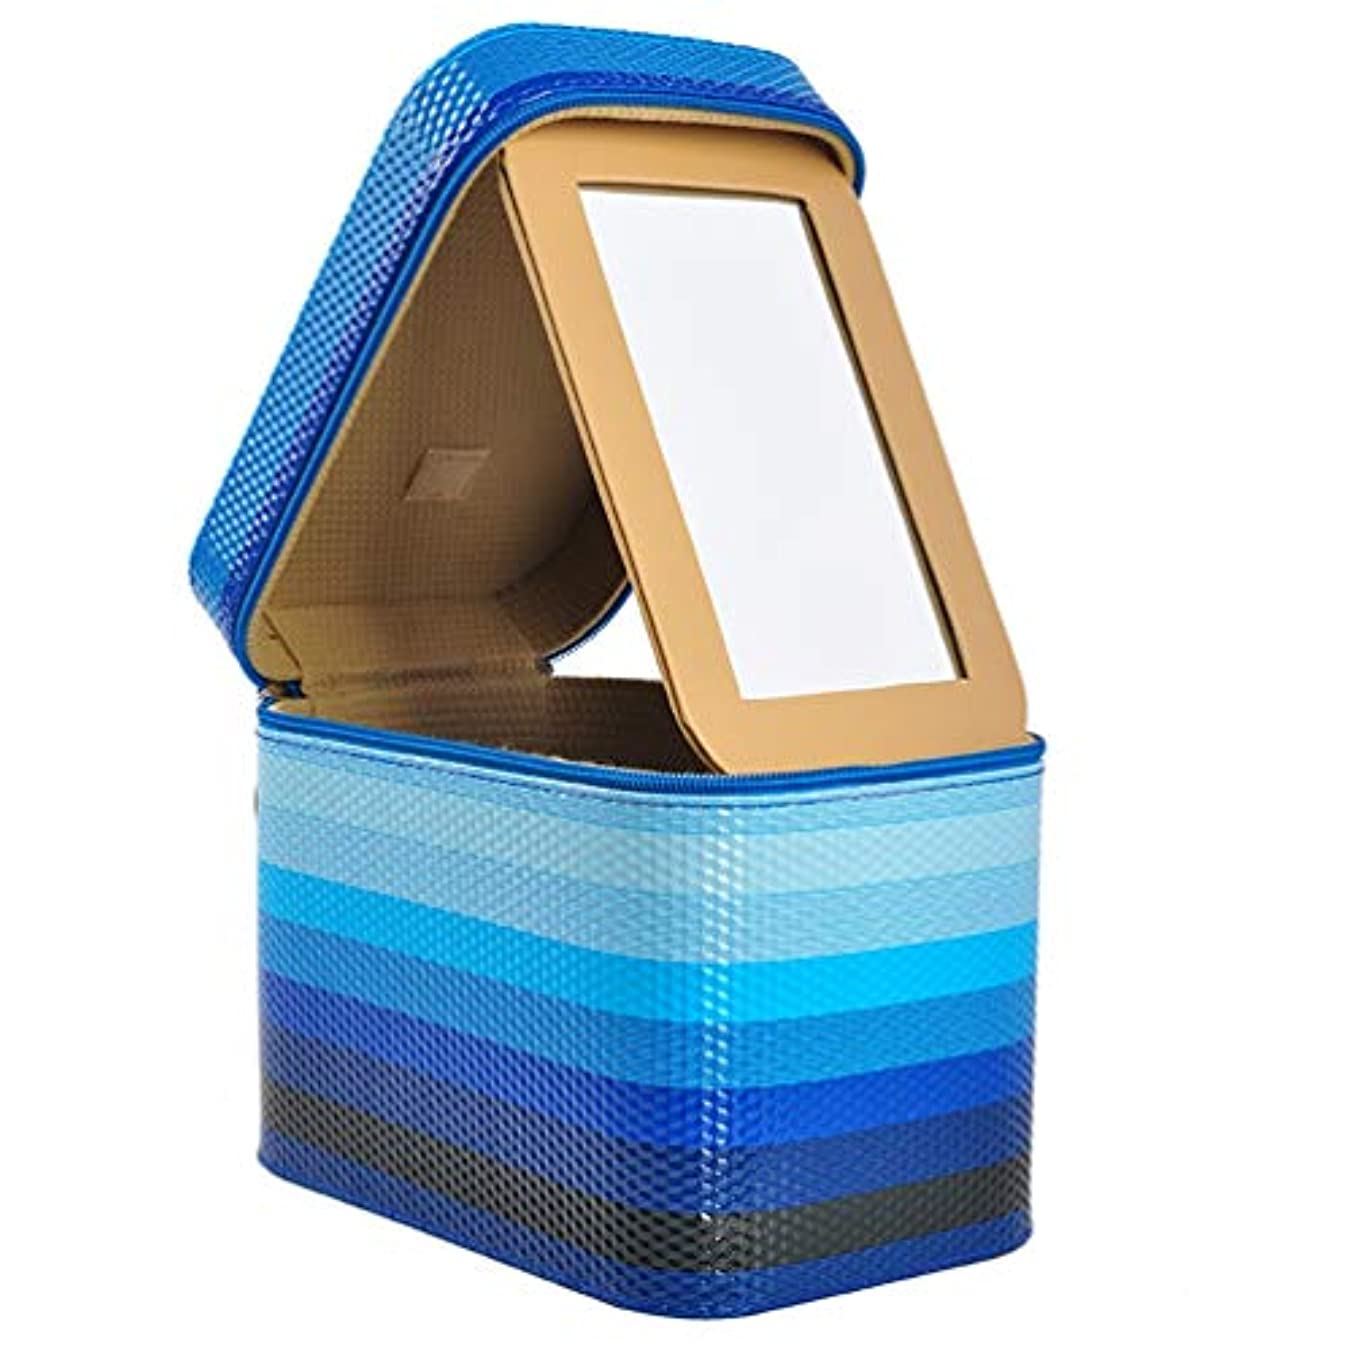 [カタク]メイクボックス コスメボックス 大容量 鏡付き 化粧ボックス おしゃれ 取っ手付 携帯便利 化粧道具 メイクブラシ 小物 出張 旅行 機能的 PUレザー プロ仕様 きらきら 化粧ポーチ コスメBOX